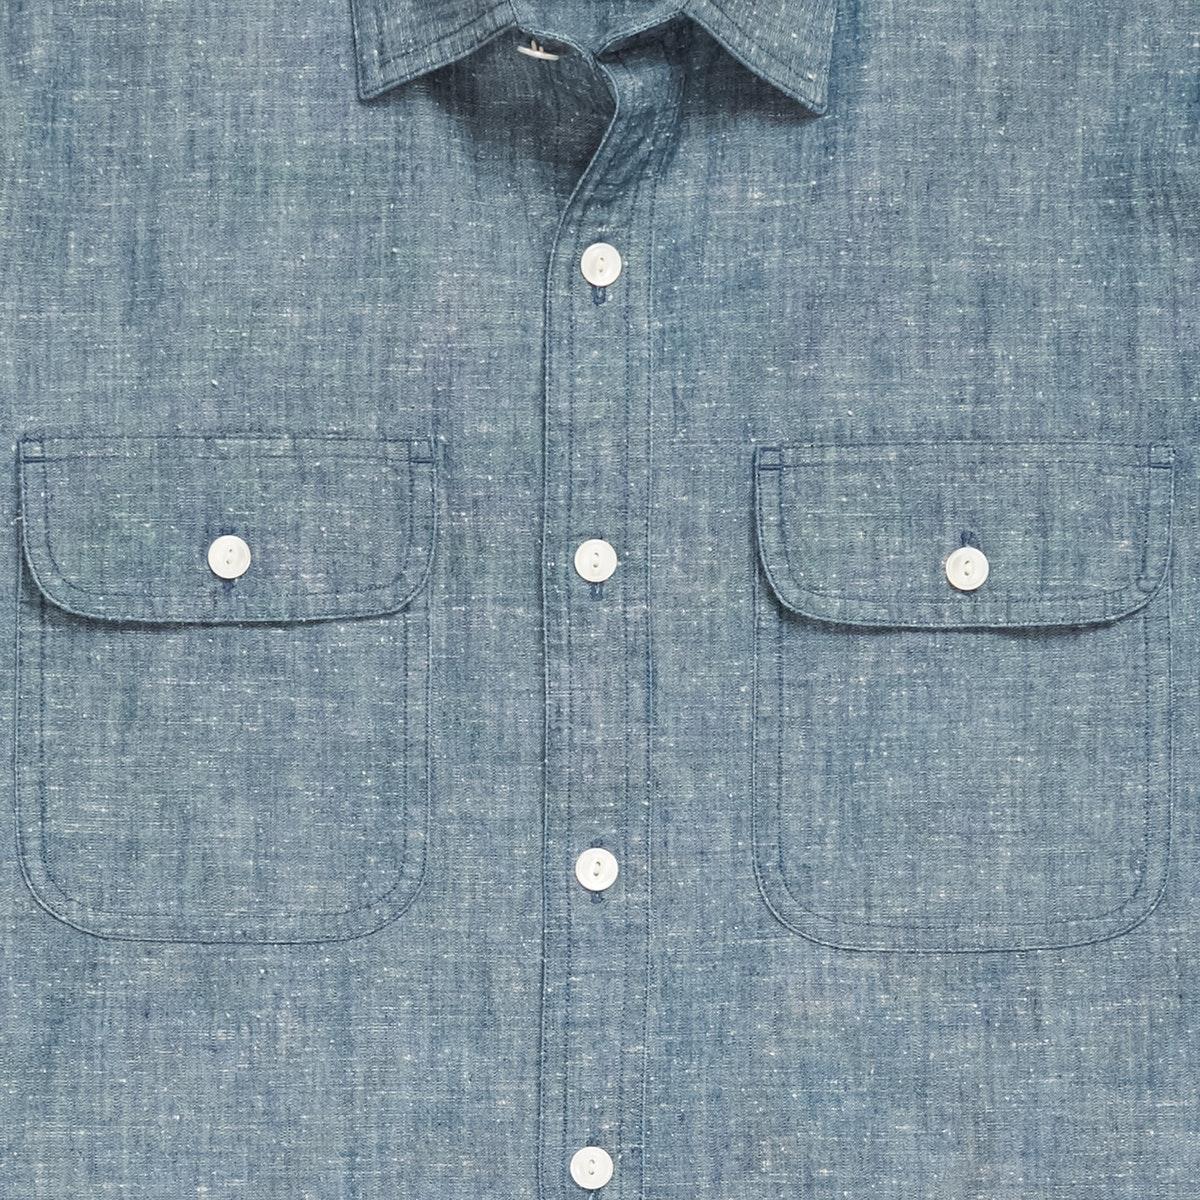 The Denim Shirt